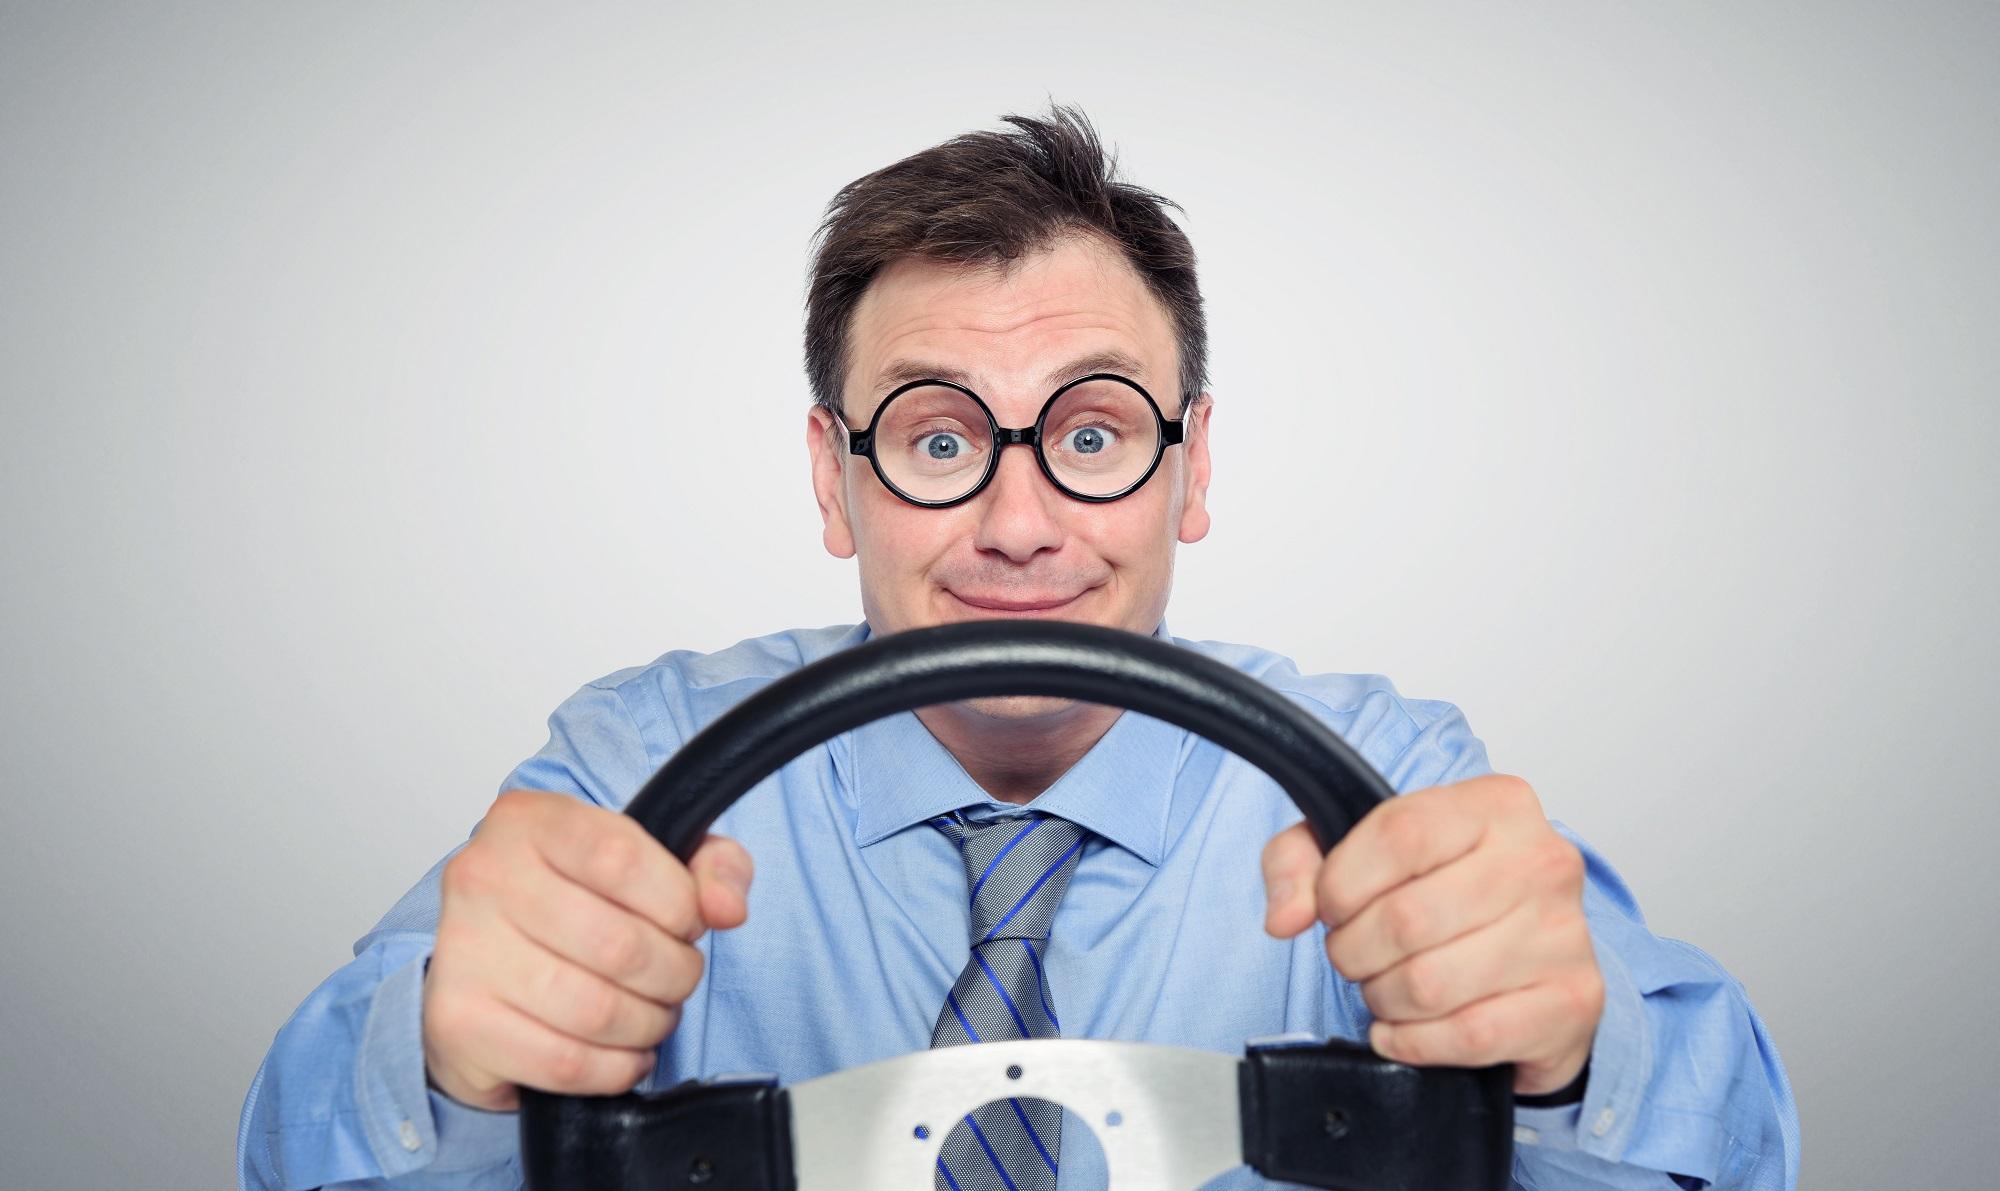 Jakich zasad warto się trzymać, aby kupić dobre ubezpieczenie samochodu przez internet? - MrGentleman.pl